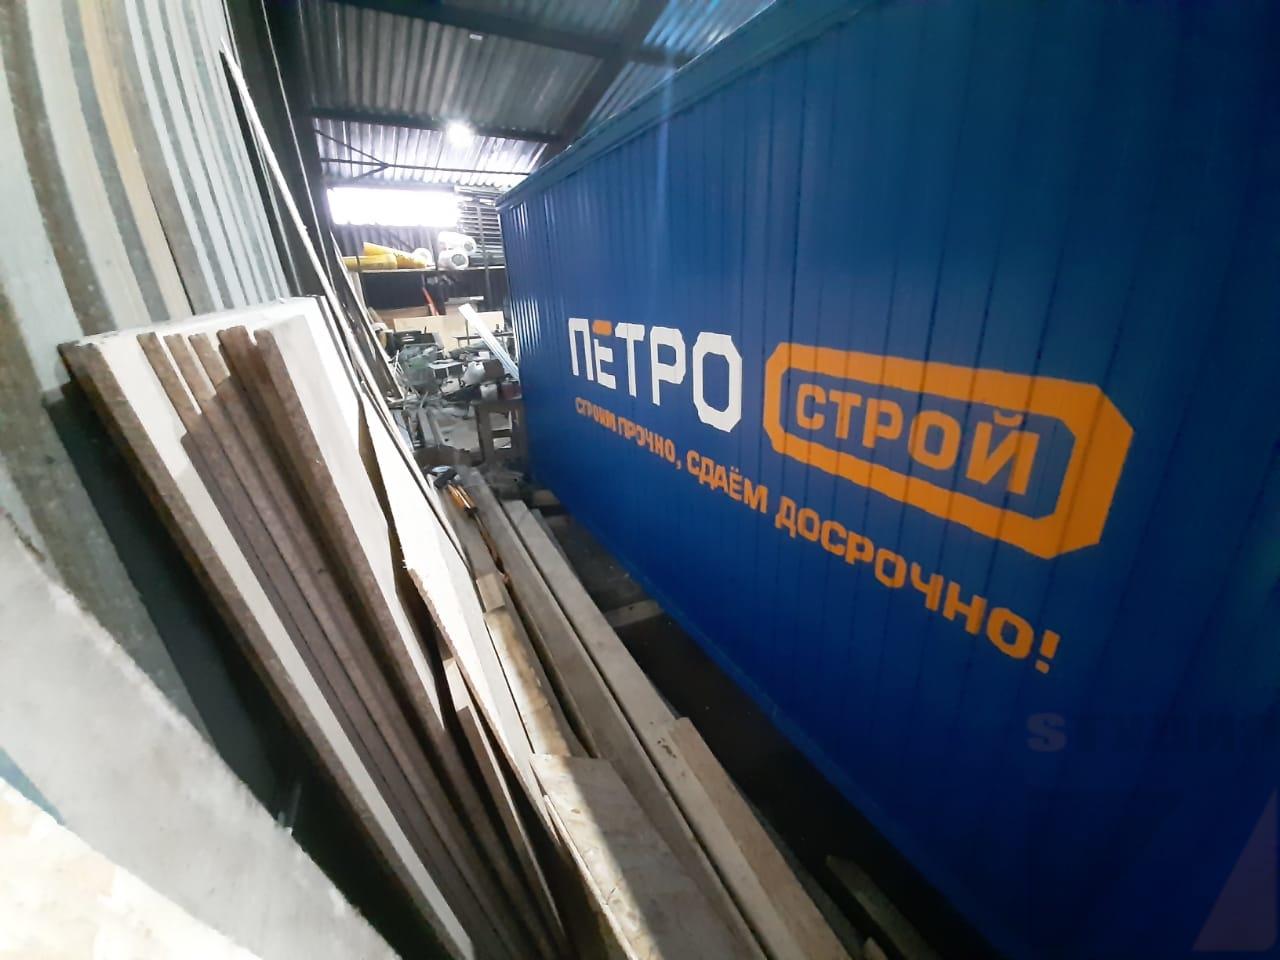 Роспись стен Нанесение логотипа на контейнеры ПетроСтрой